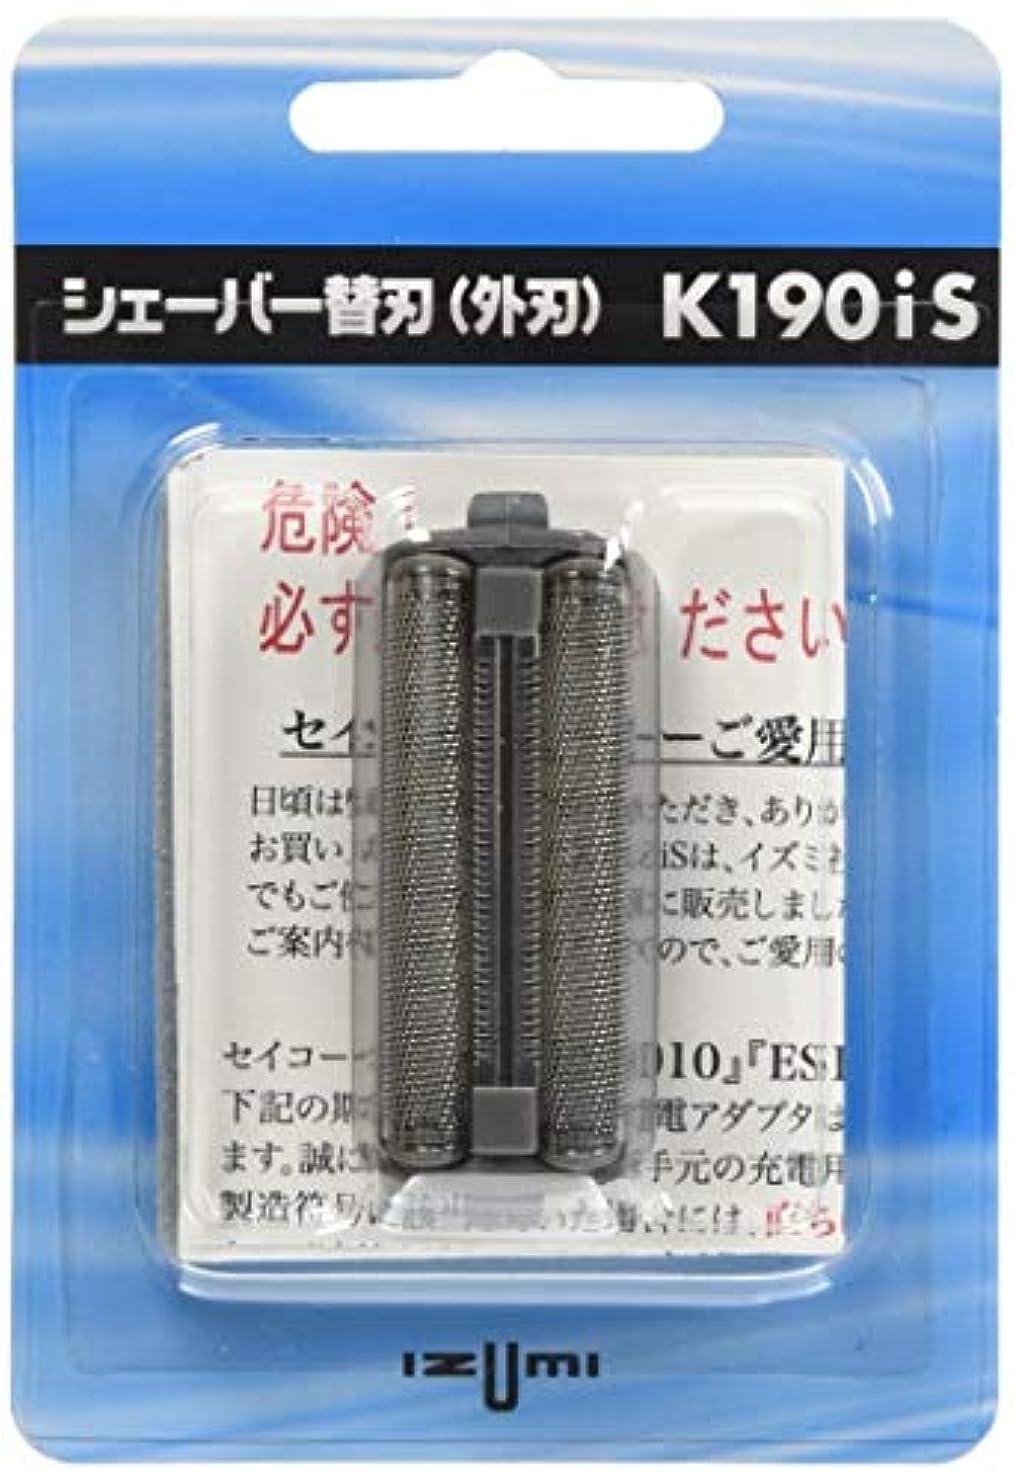 禁輸変わる細胞IZUMI 往復式シェーバー用外刃 K190iS